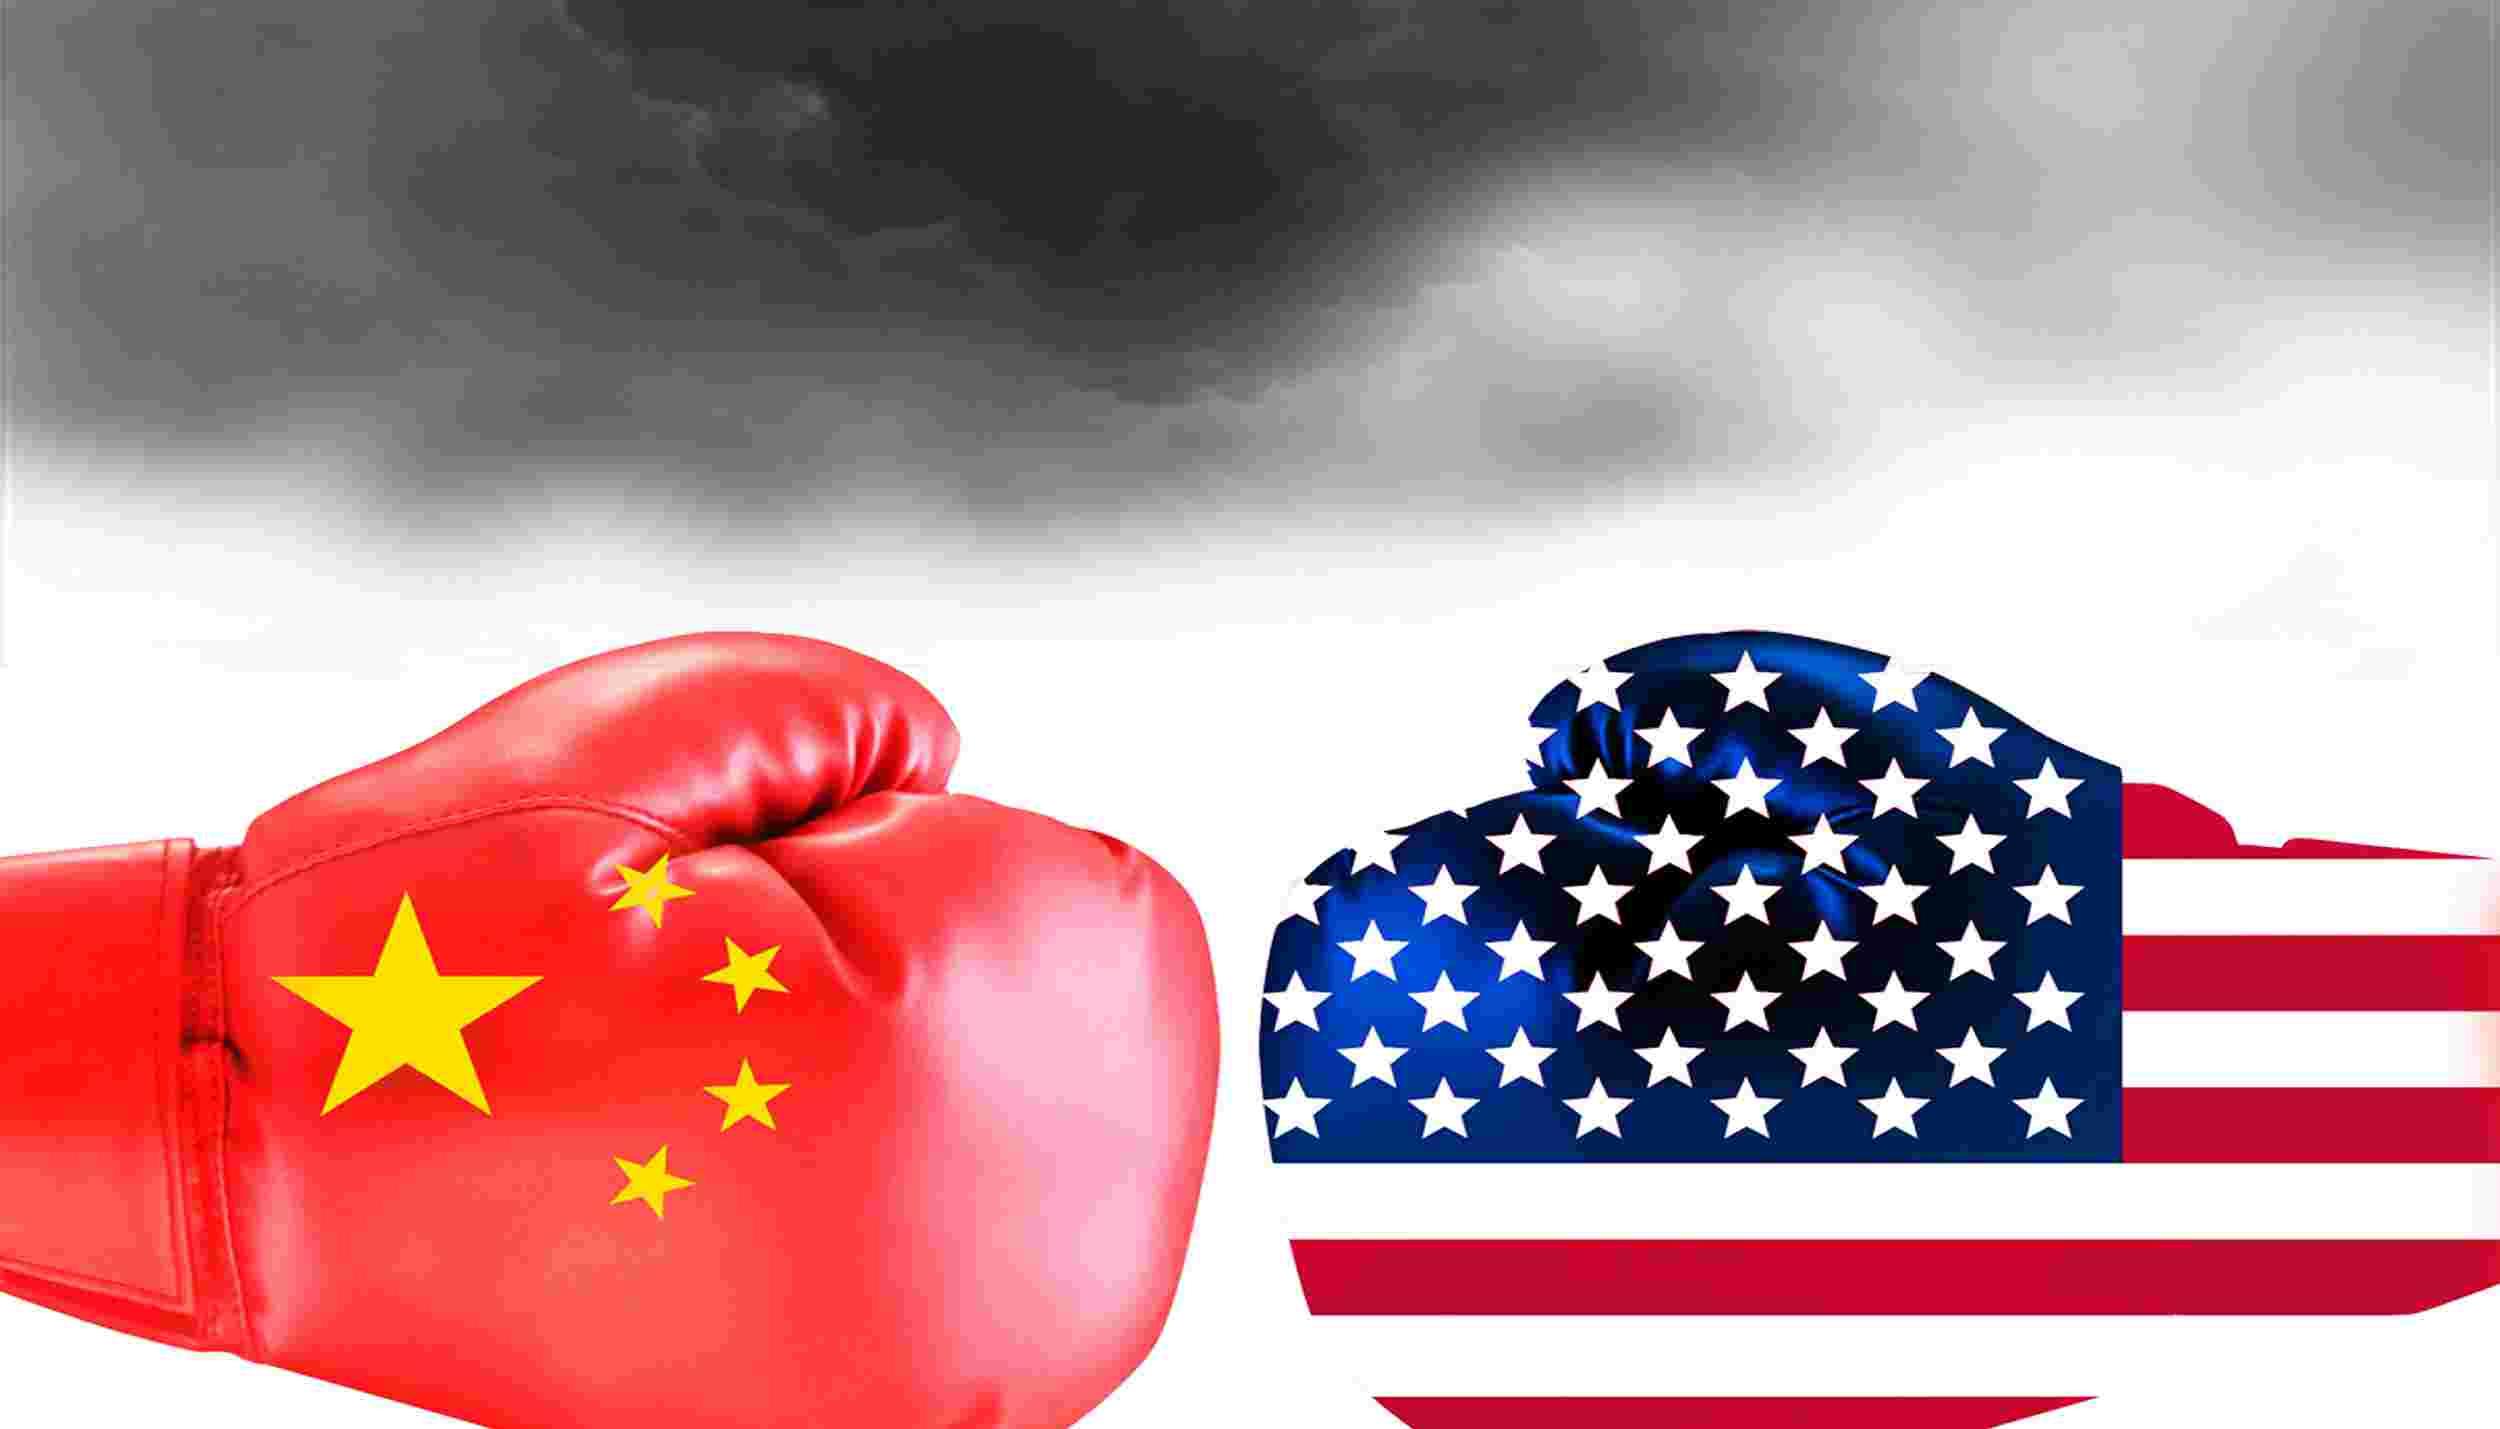 中国迎击贸易战的关键底气——制度优势